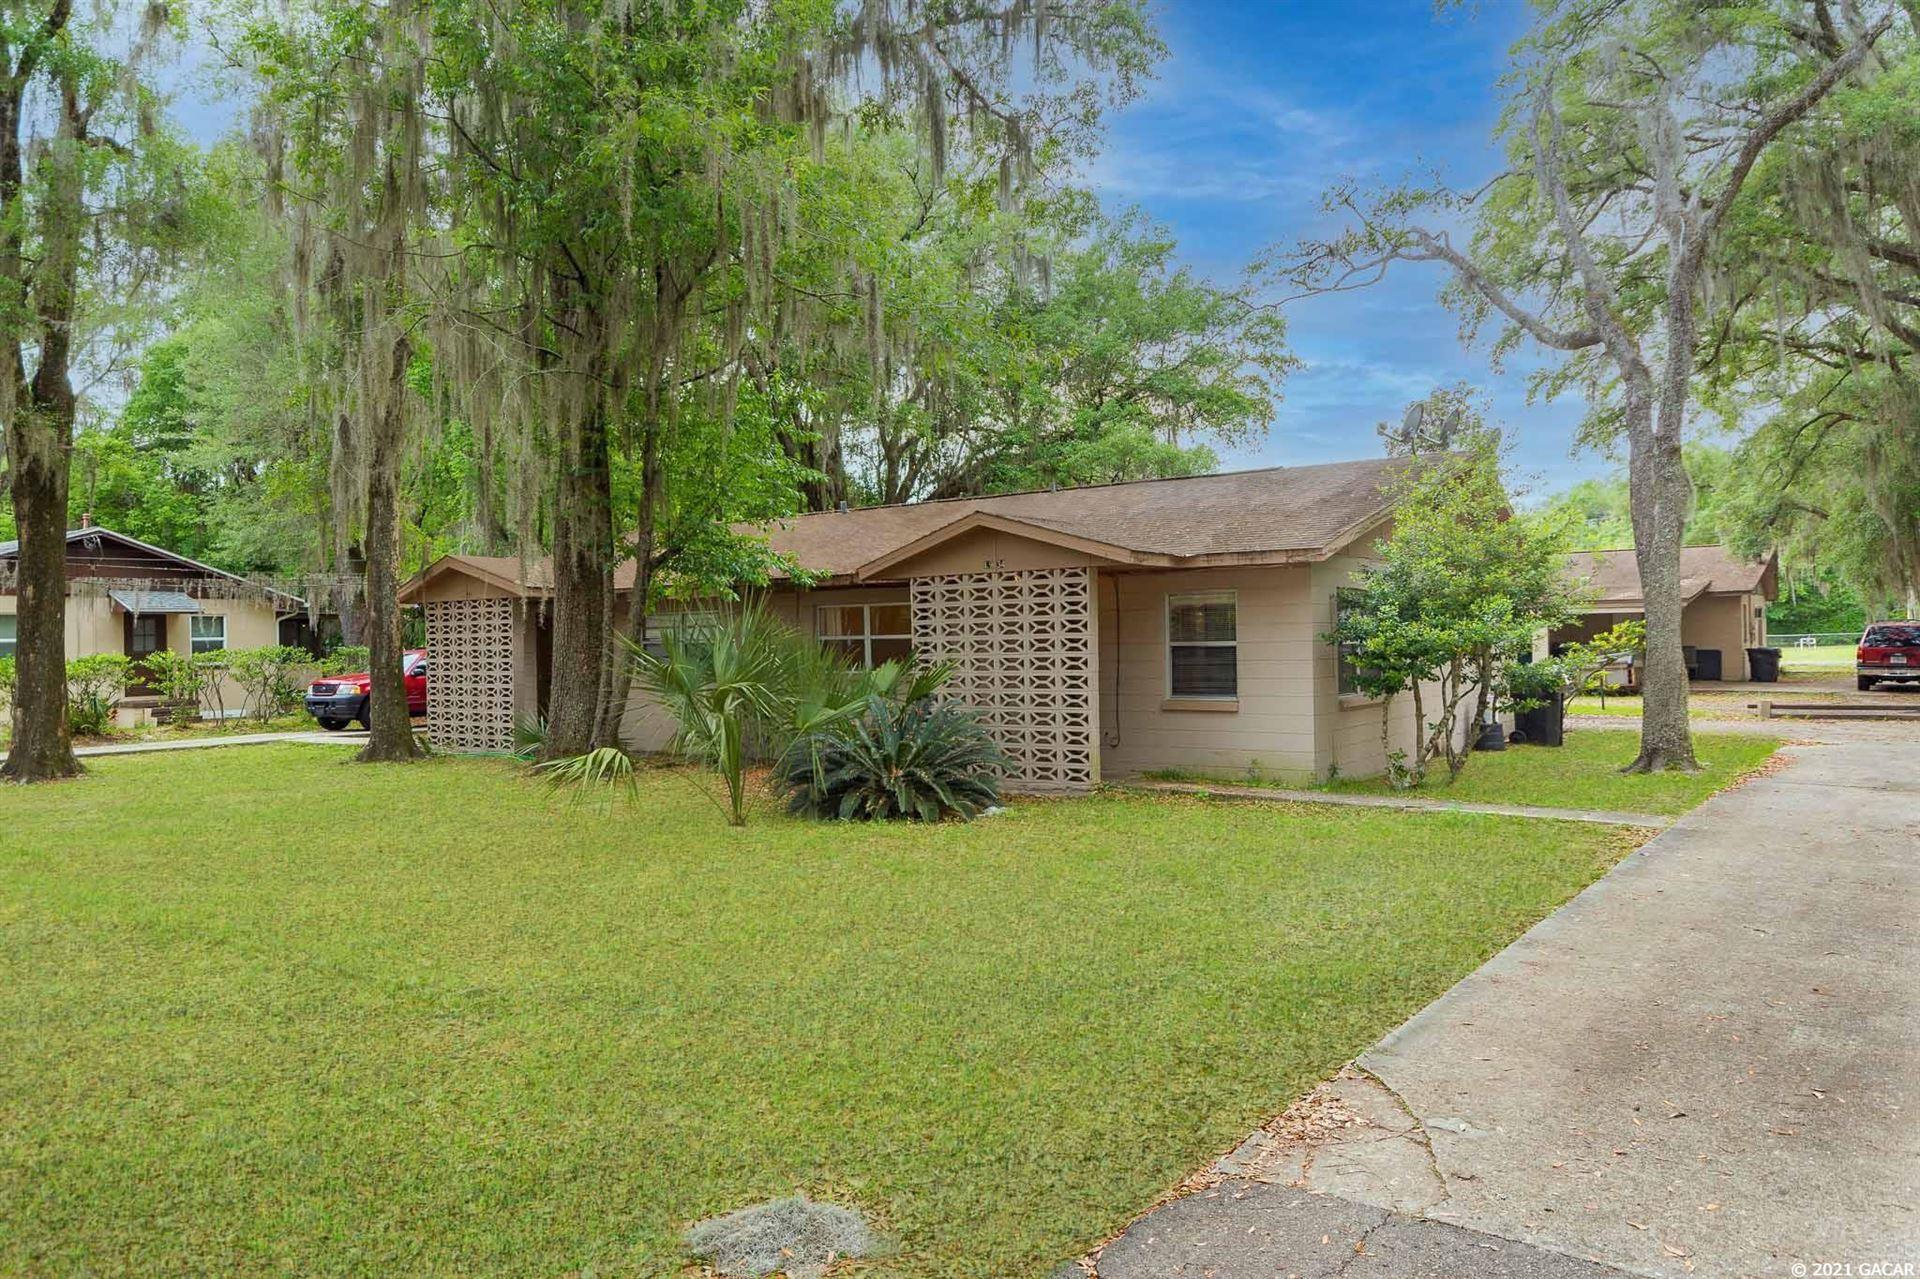 1932 NE 17TH Way, Gainesville, FL 32609 - #: 447404